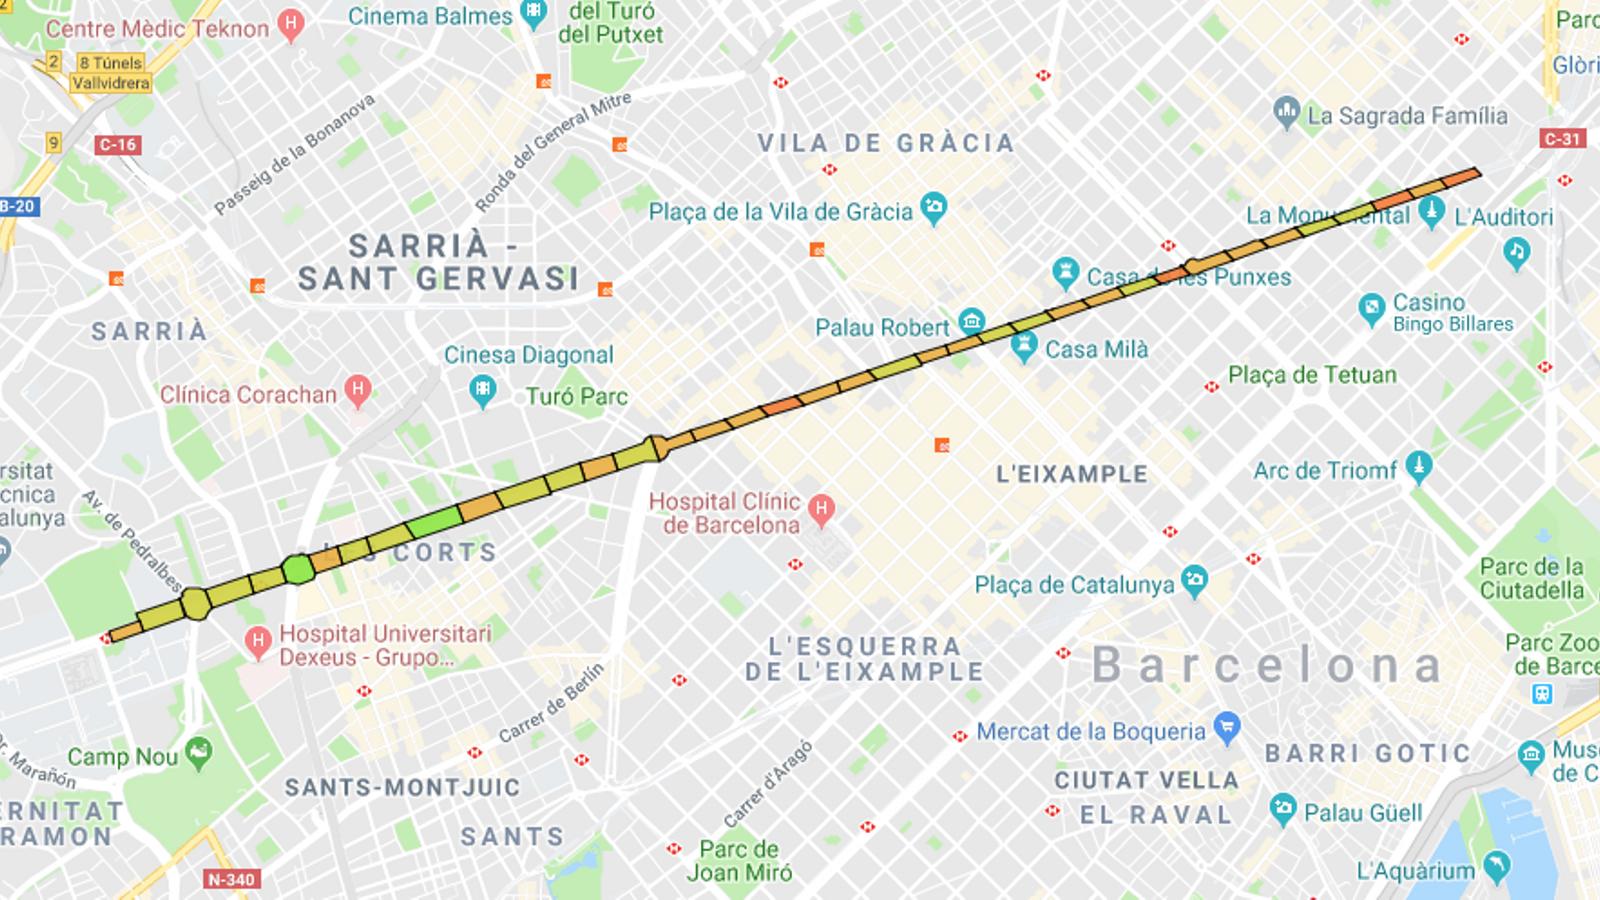 Mapa Trams Diada 2018.Diada 2018 Aixi Es Va Omplint Tram Per Tram